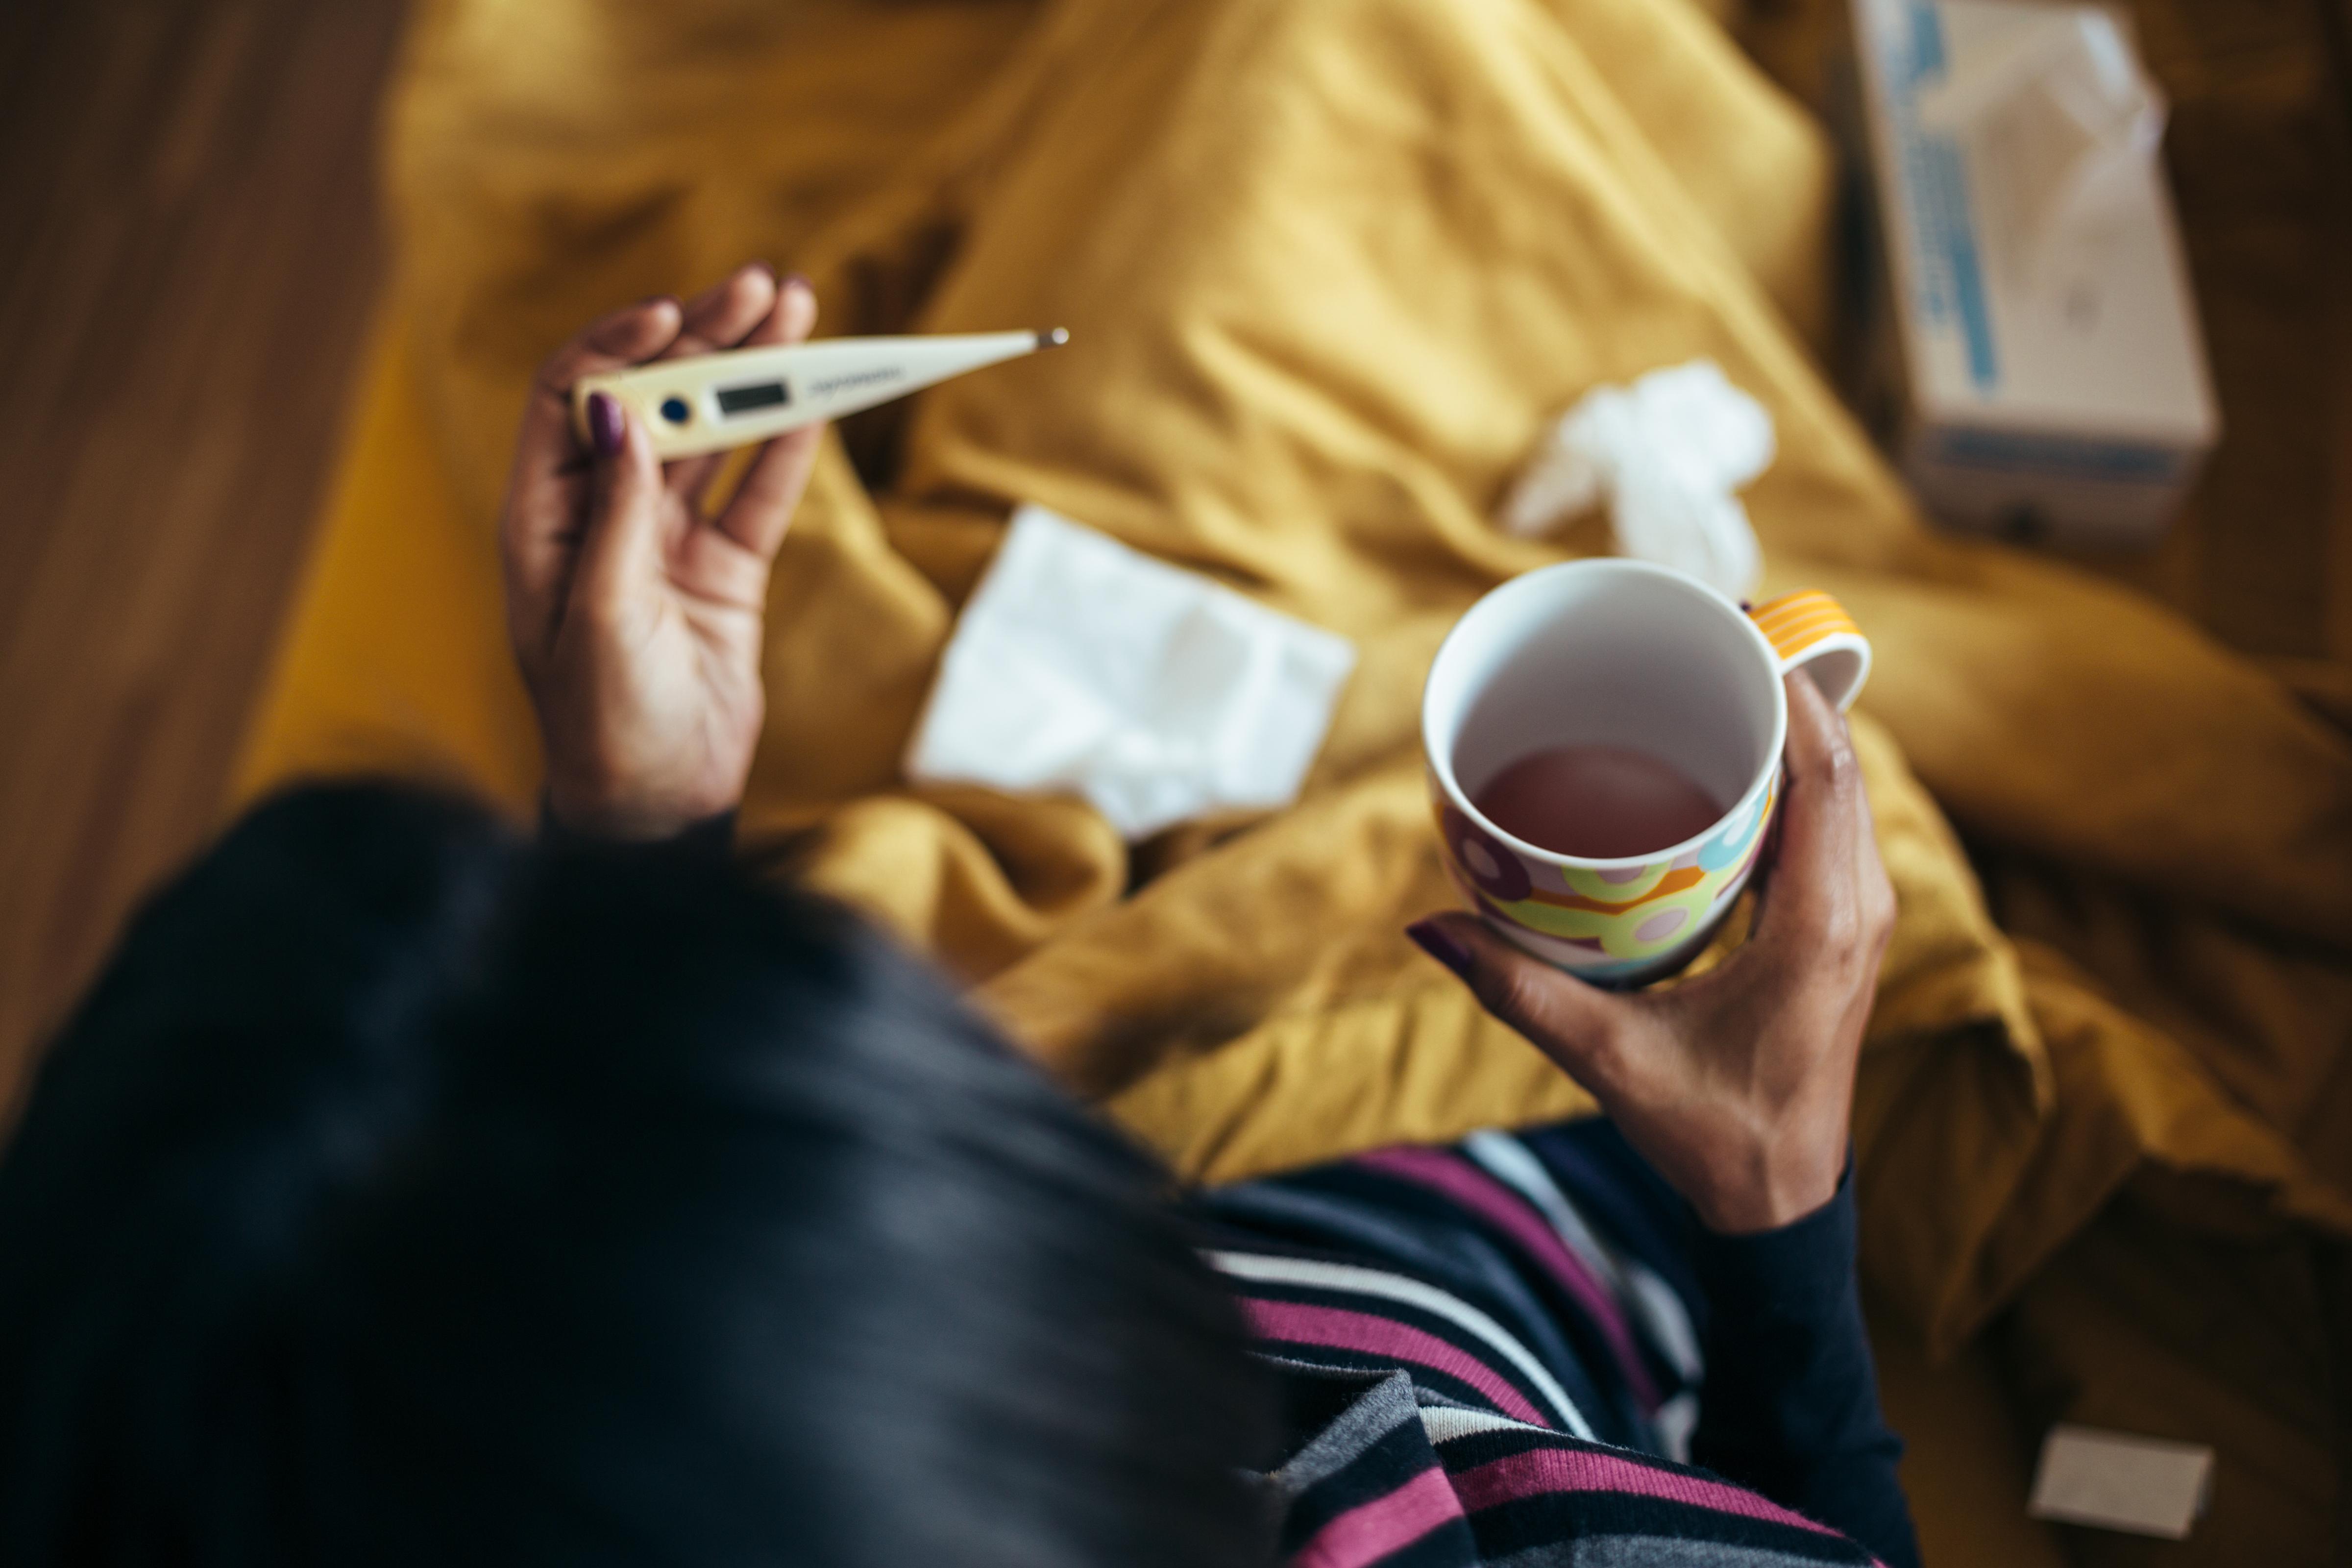 Både förkylning och influensa är i de allra flesta fall okomplicerade sjukdomar, som behandlas med egenvård.